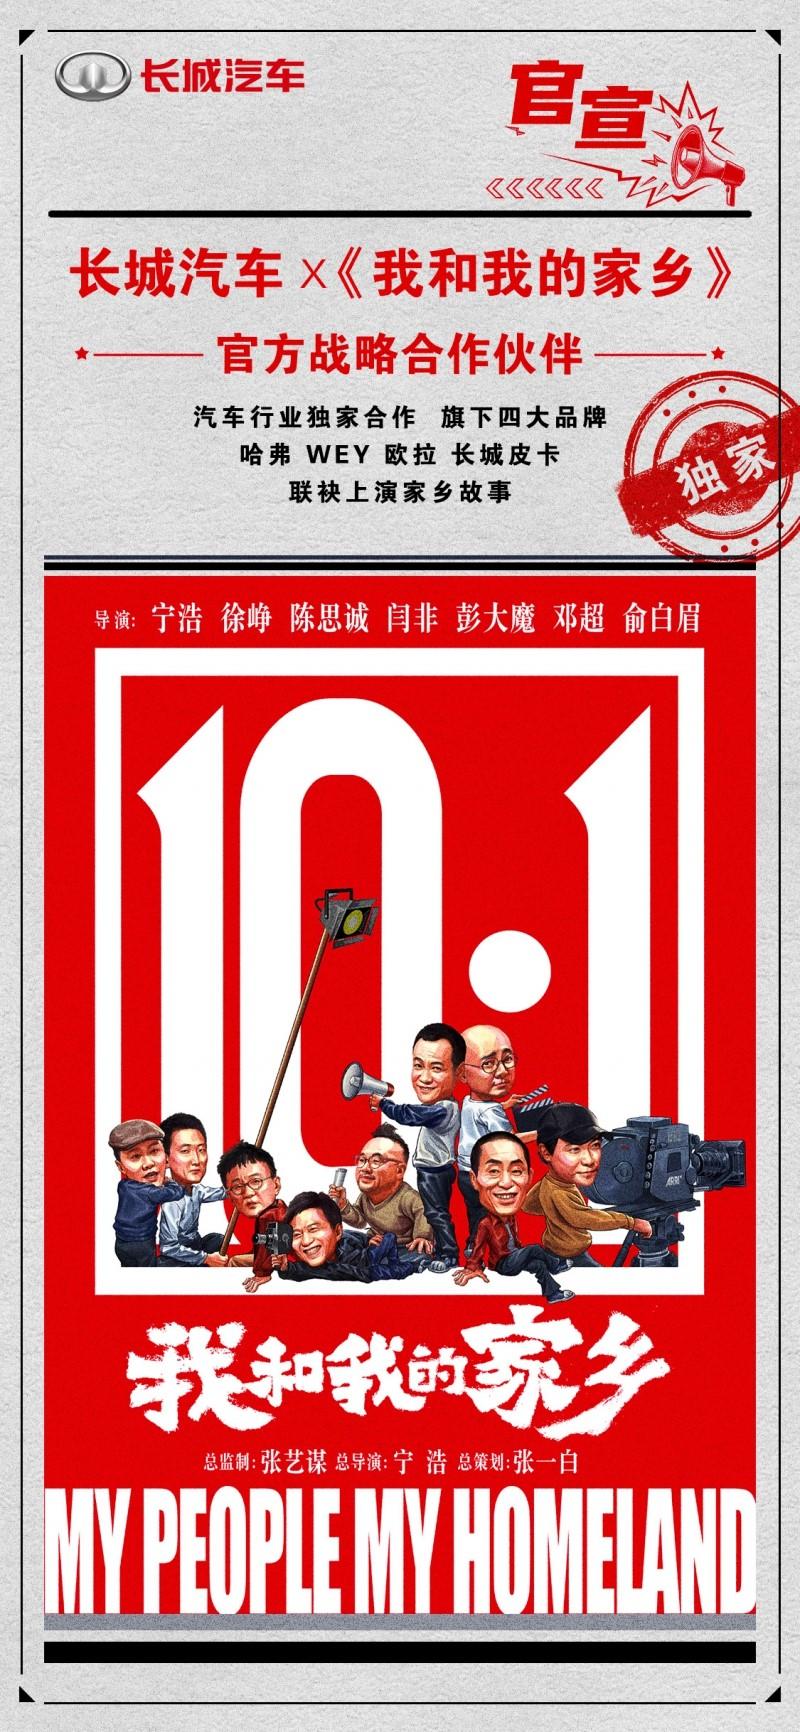 """在即将到来的国庆黄金档,中国第一个百年目标""""2020全面建成小康社会""""献礼影片,《我和我的家乡》将正式登上荧幕,在这部""""国家级""""主旋律文化项目里,作为哈弗品牌母公司的长城汽车成为了汽车类的独家合作伙伴,这亦是出品方对哈弗品牌作为中国汽车标杆的认可。"""